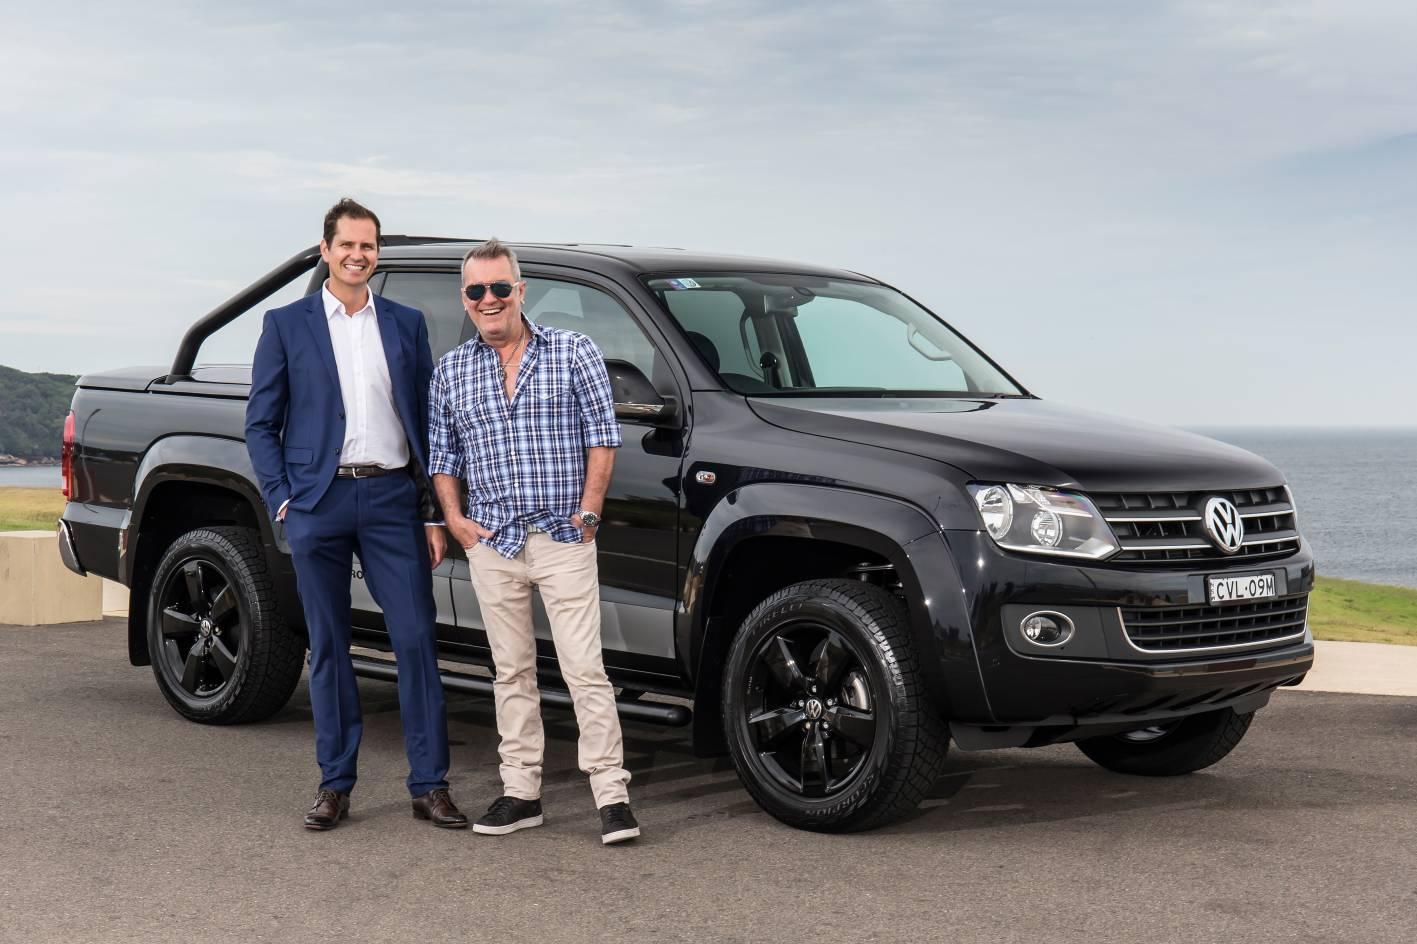 Quirk Vw Nh >> Hall Volkswagen | 2017, 2018, 2019 Volkswagen Reviews